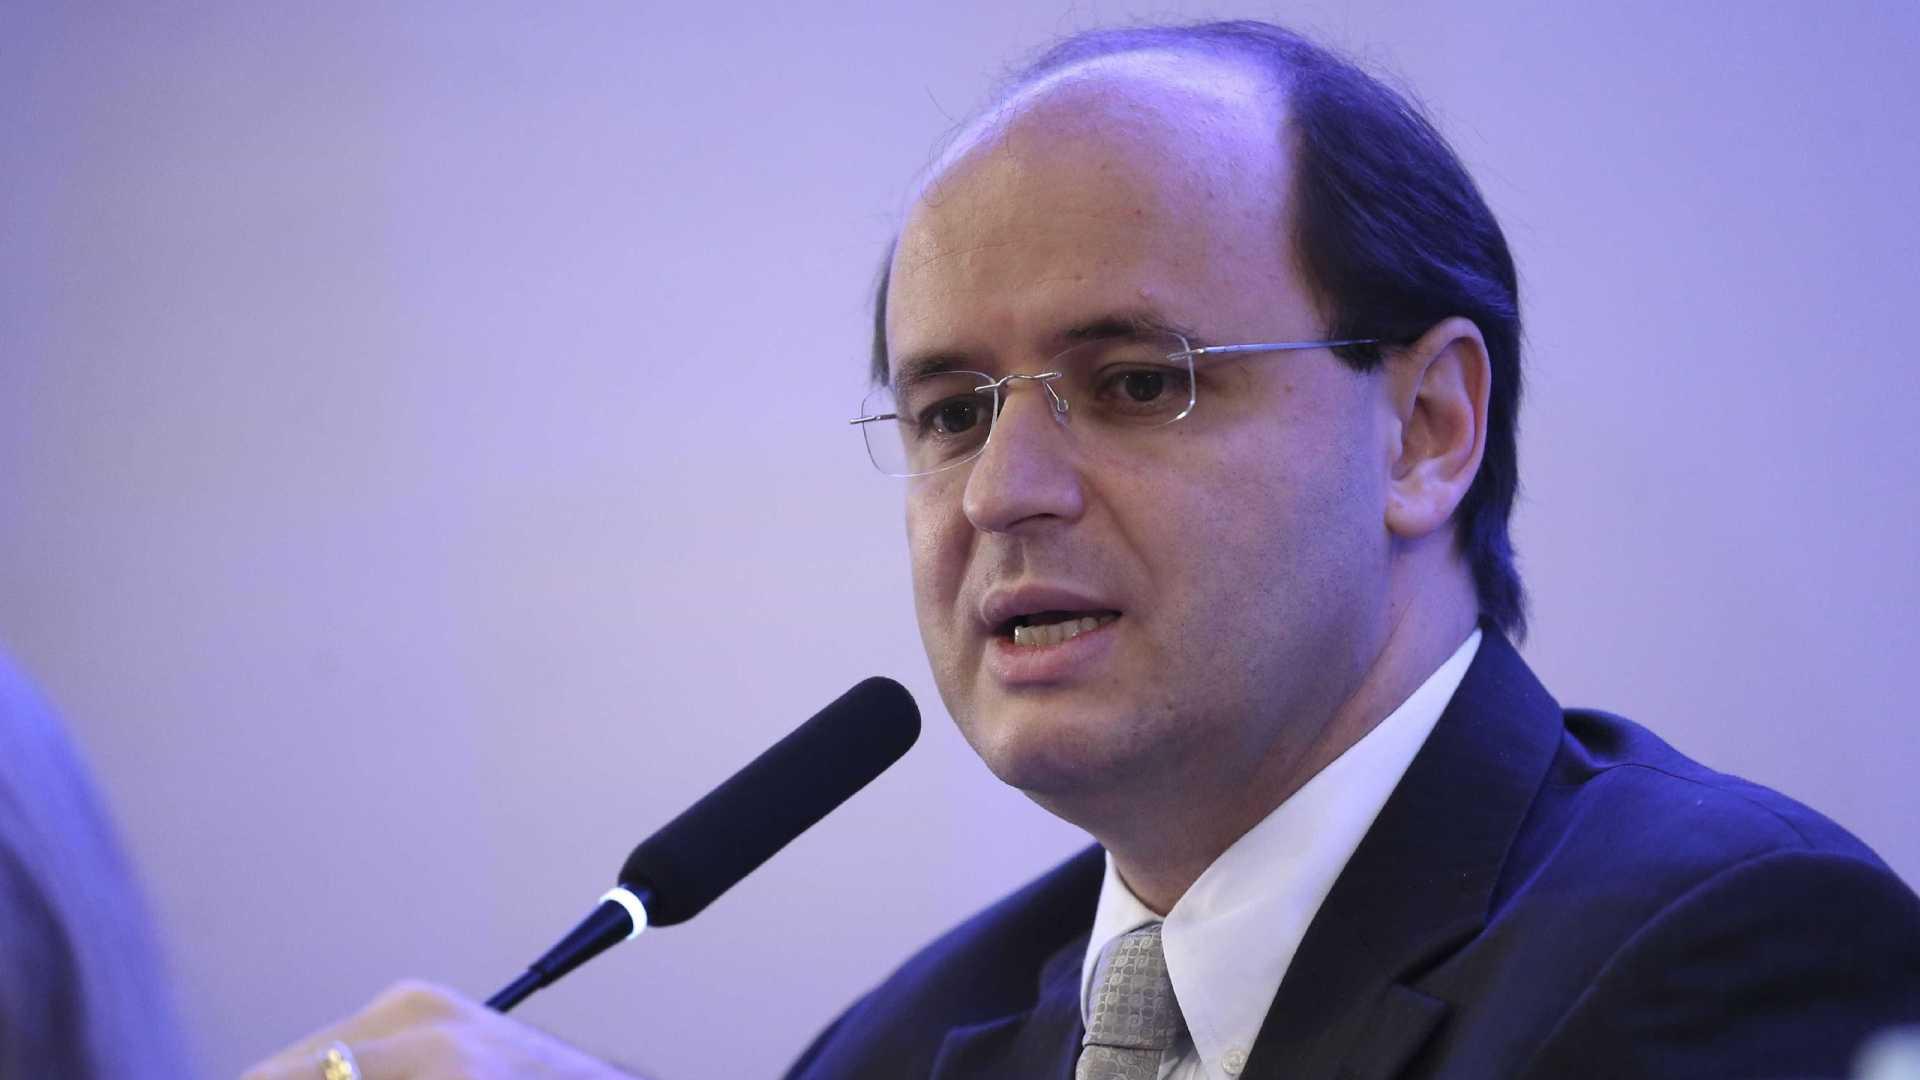 Ministro da Educação evita comentar críticas de Bolsonaro ao Enem